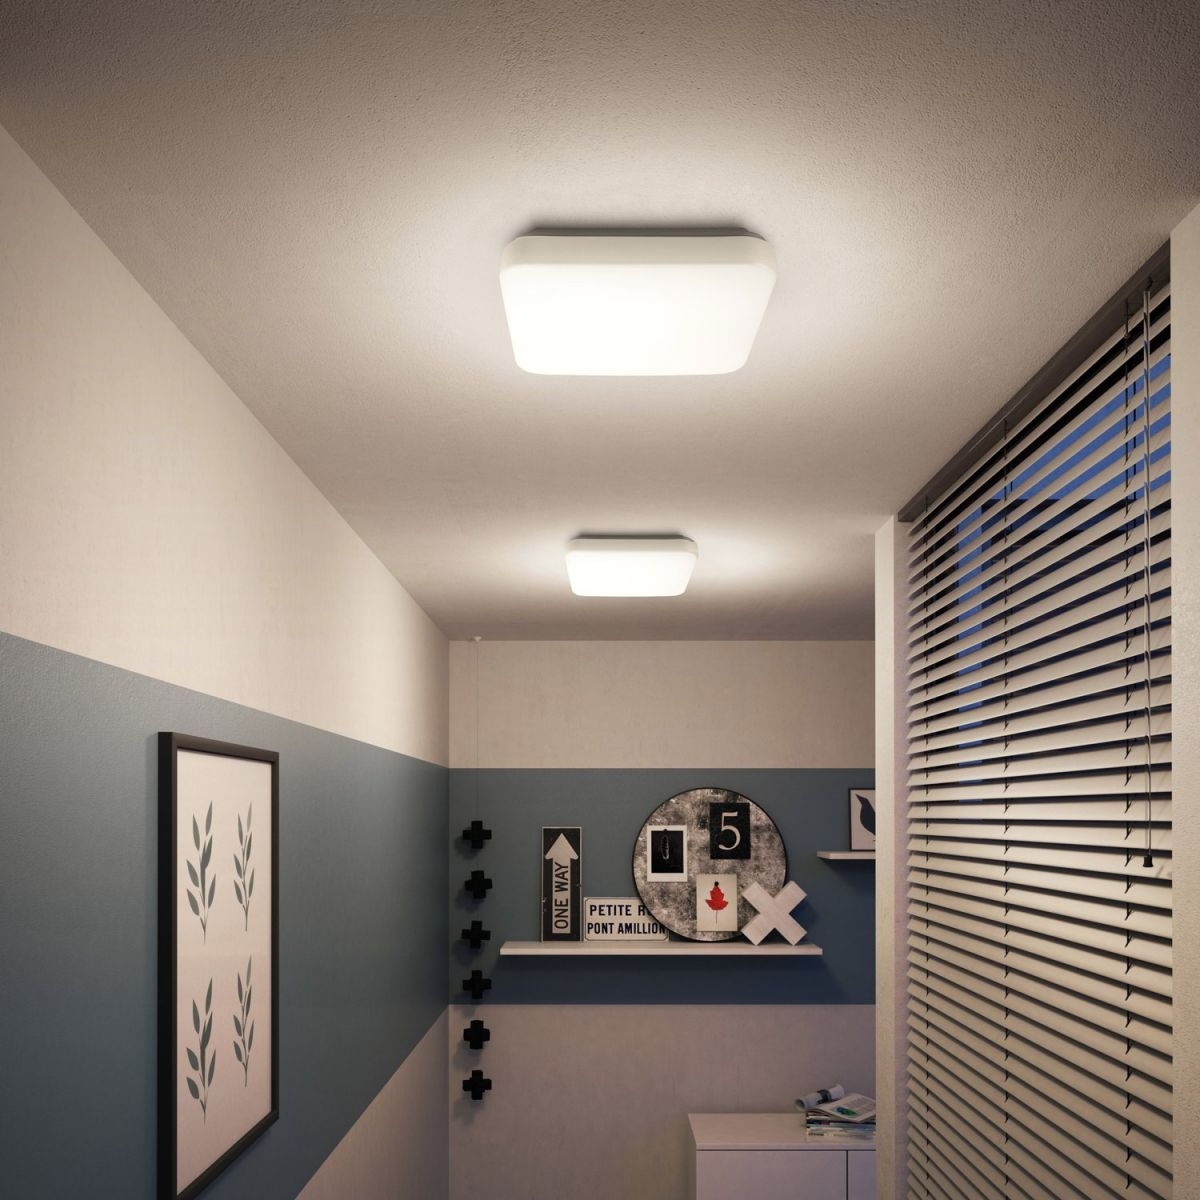 Đèn ốp trần vuông Philips